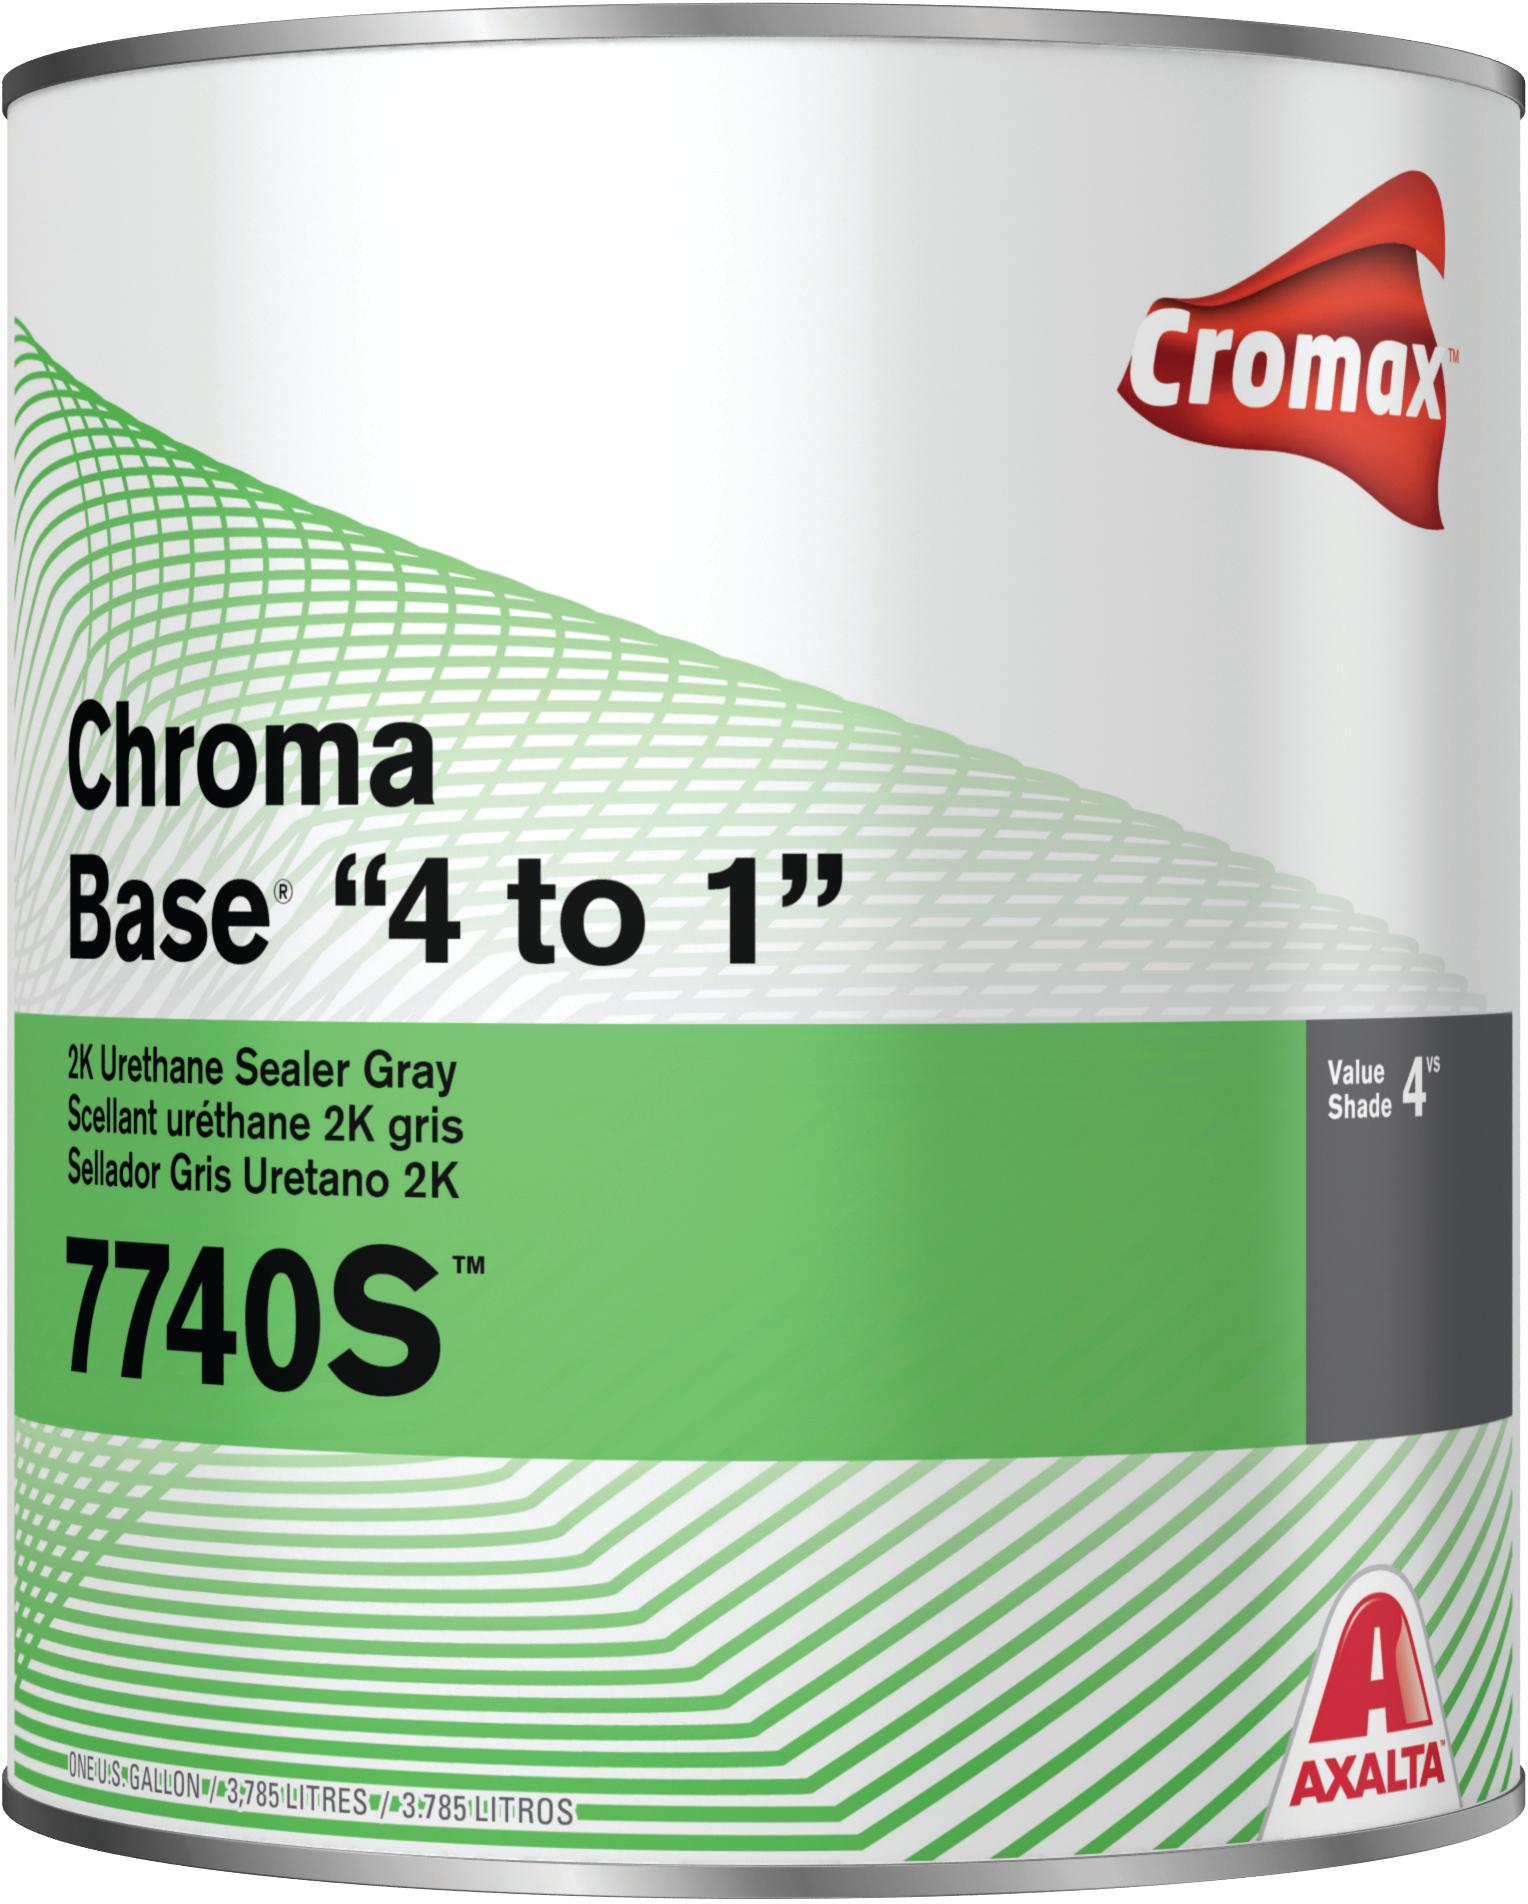 Dupont Urethane Sealer Medium Gray